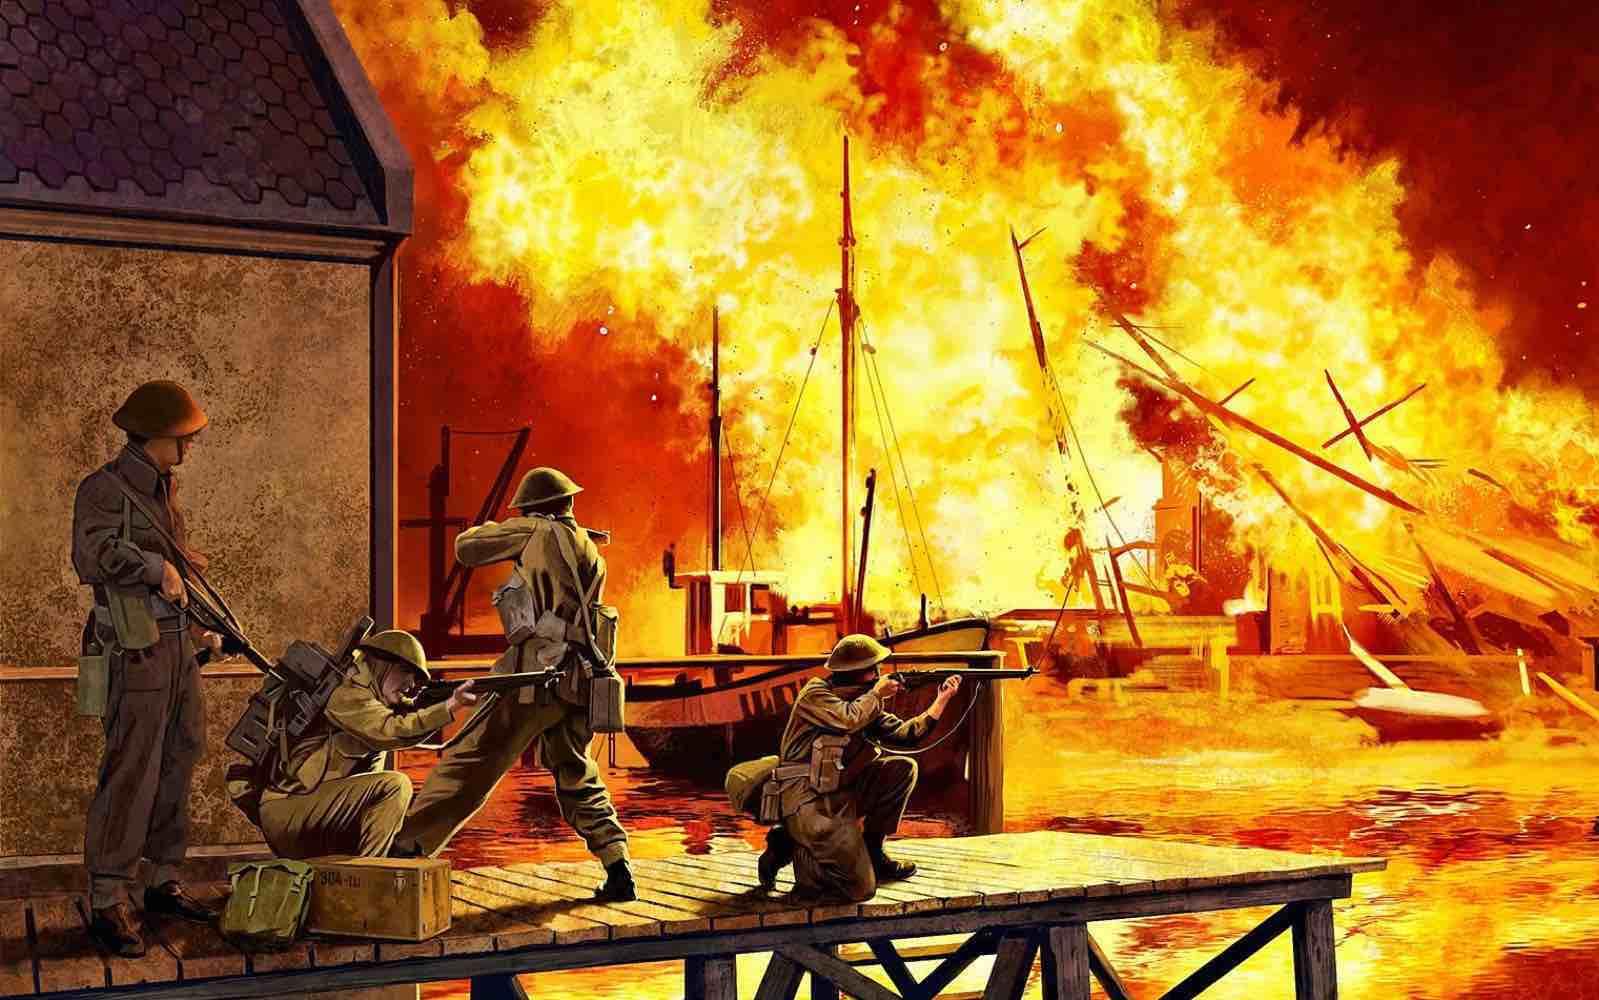 Måløyraidet; Krigshistorien er blitt up to date